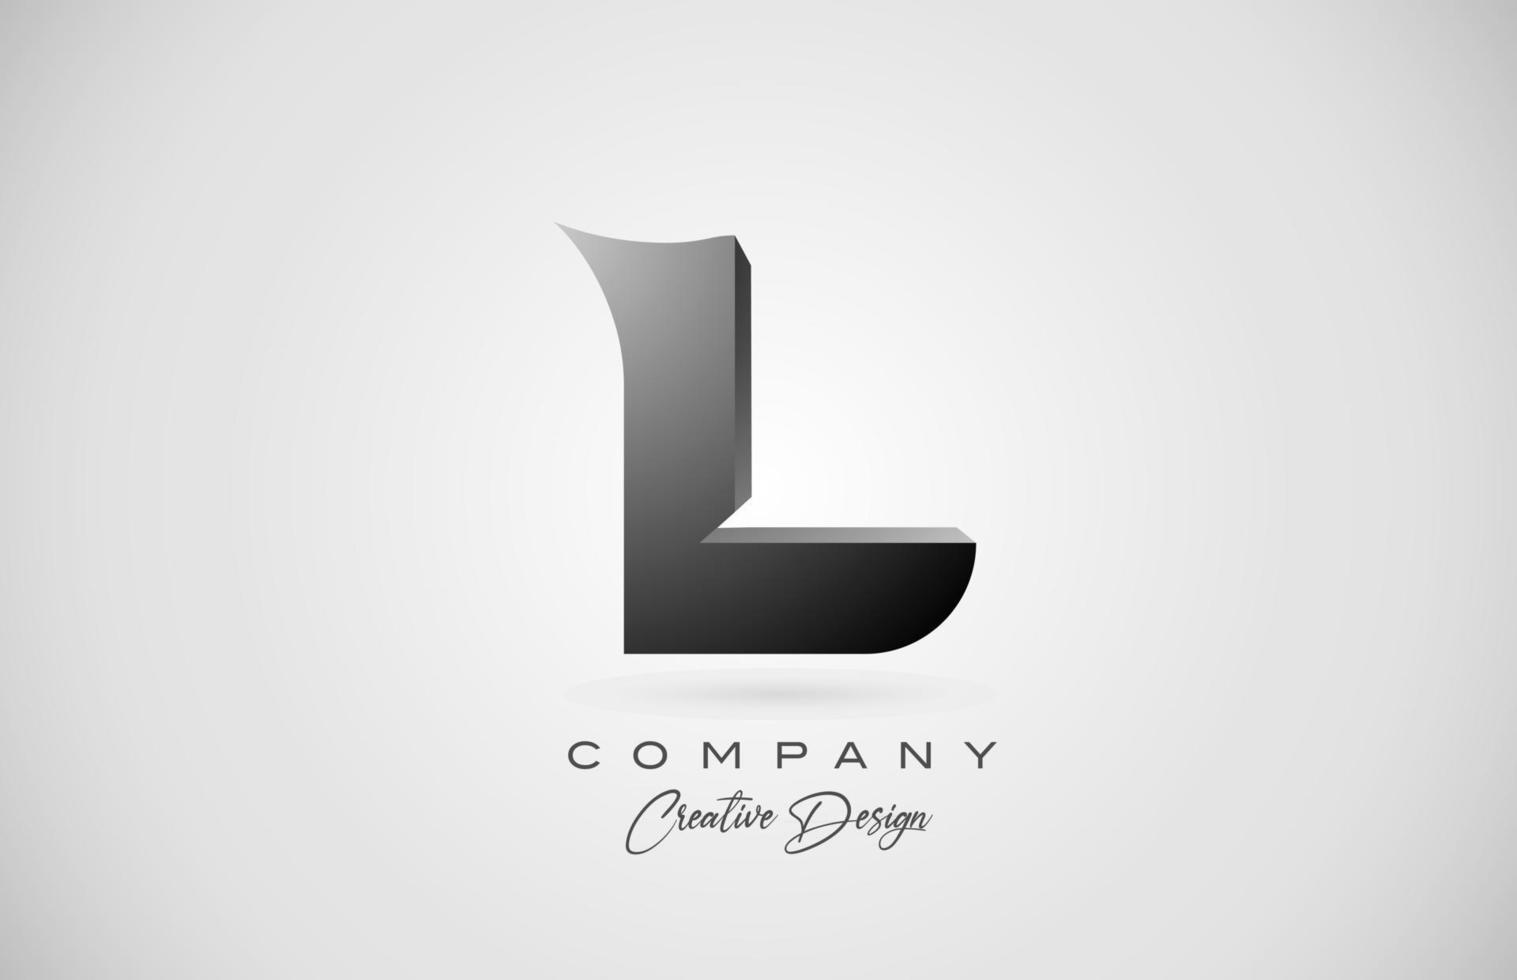 logotipo do ícone da letra l do alfabeto em gradiente preto. design criativo para negócios e empresa vetor